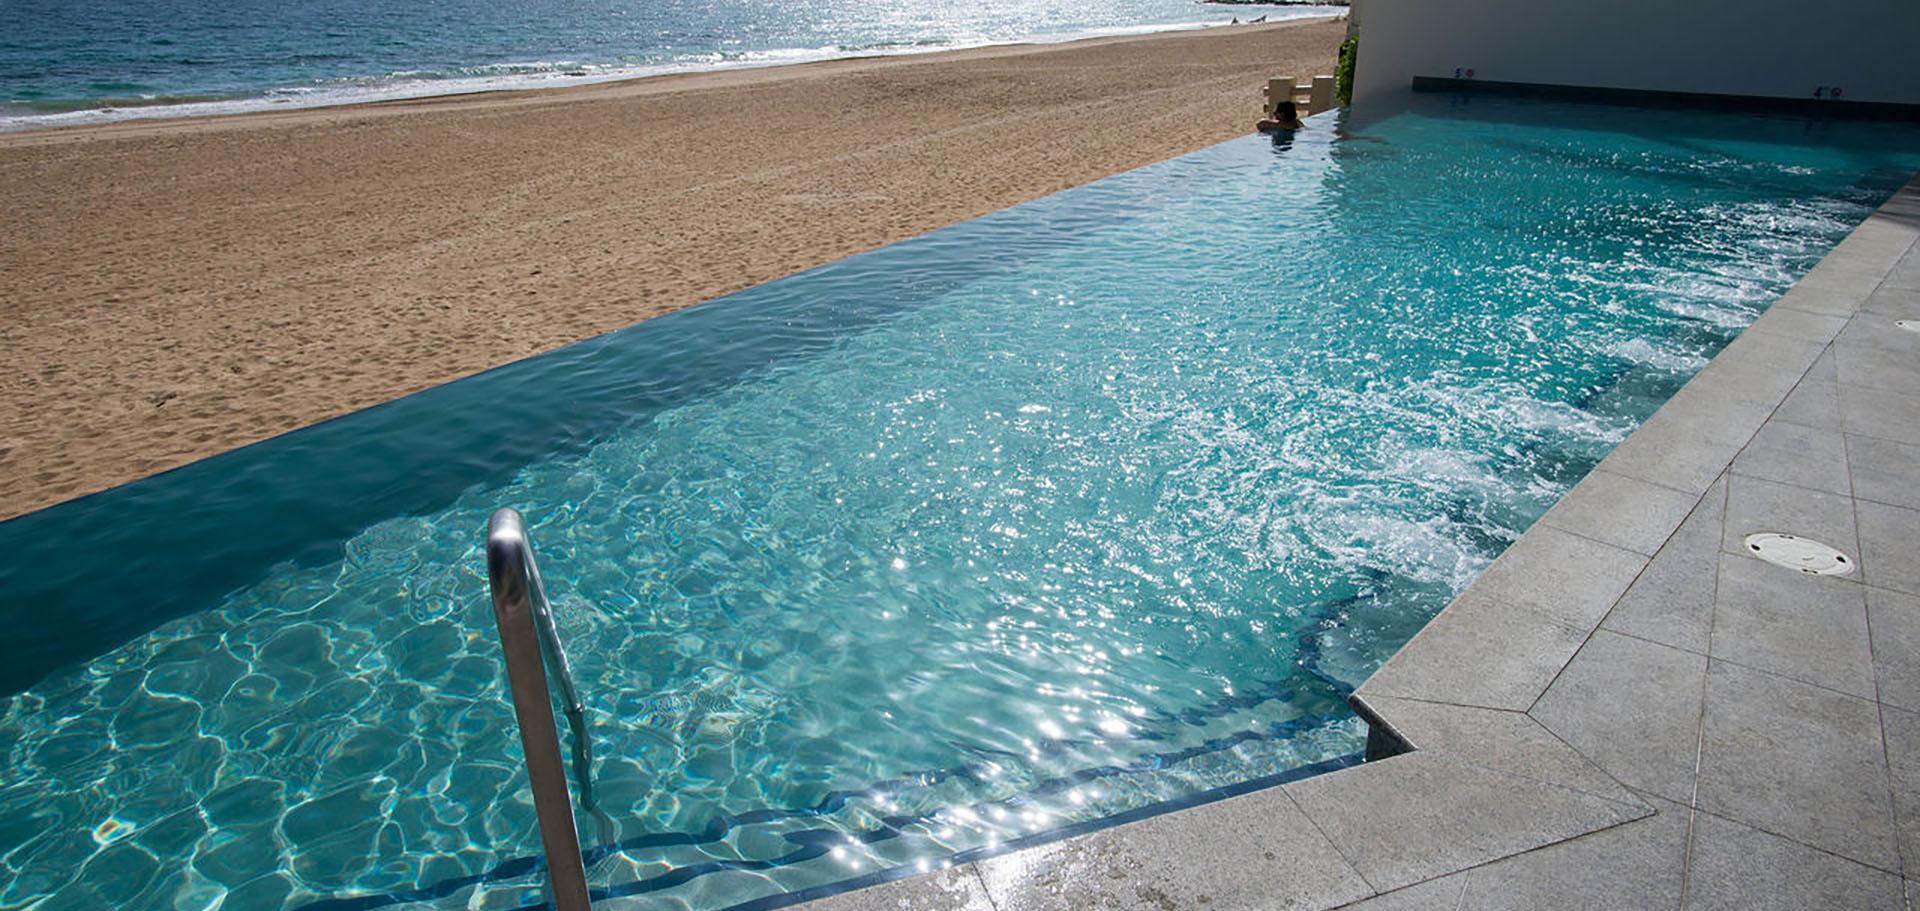 Bordes piscina bordes piscina borde ballena cm borde - Bordes de piscinas ...